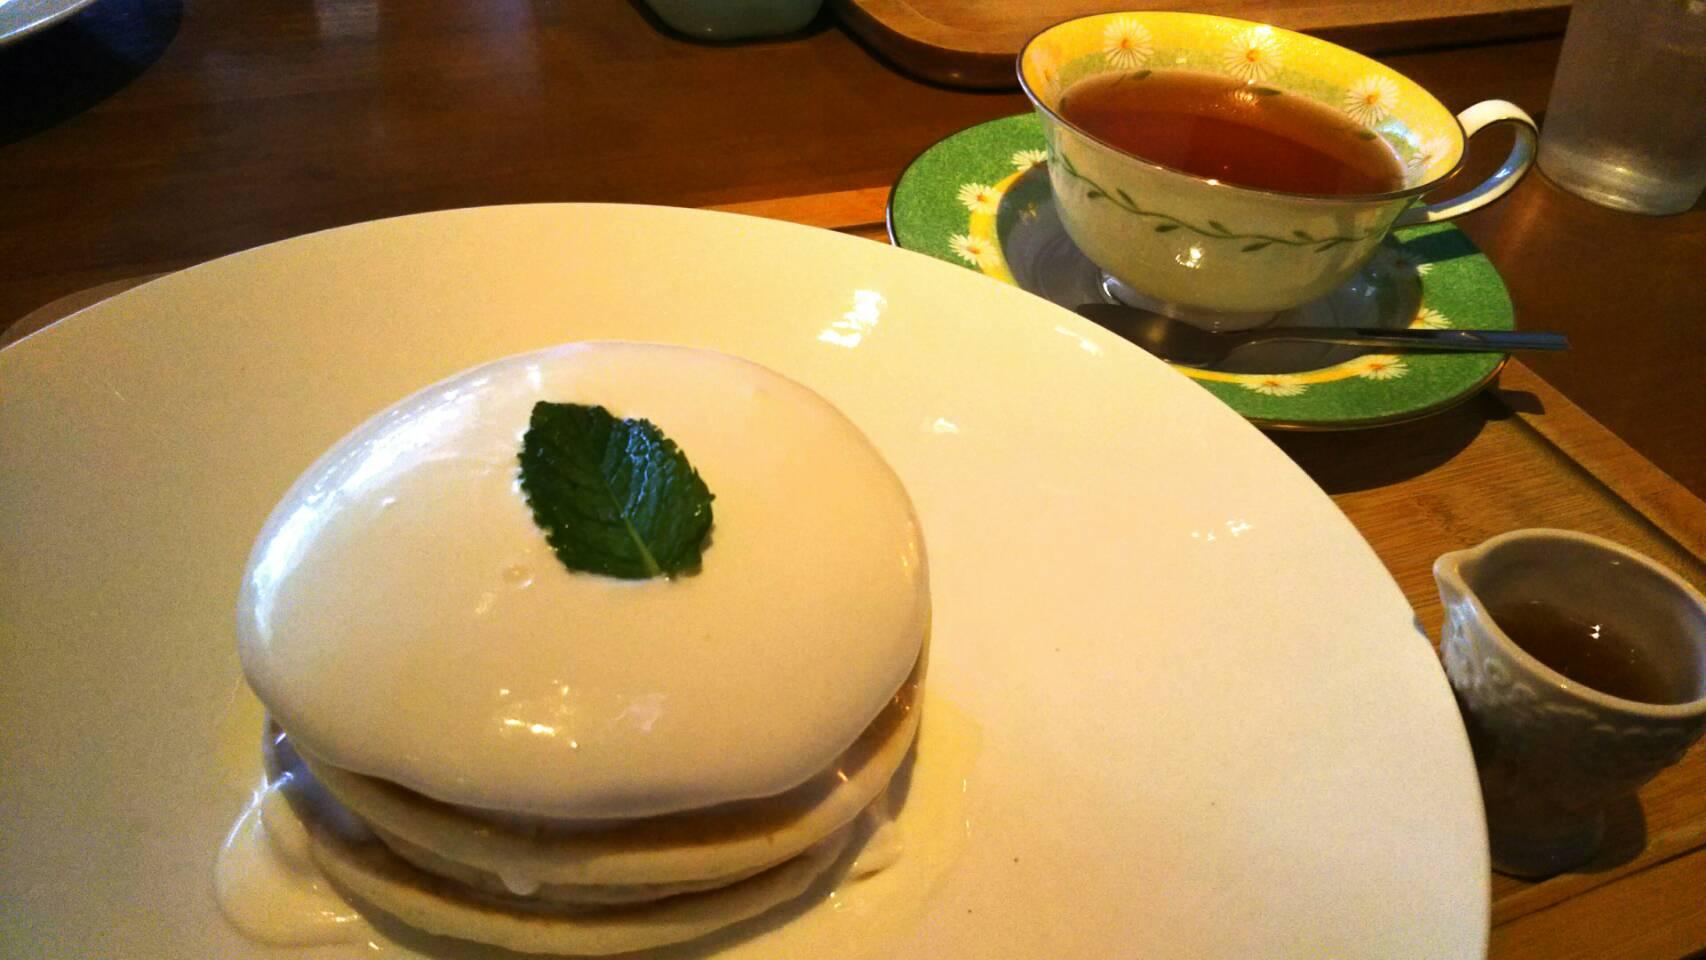 室蘭でランチ♪パンケーキが食べられるお店コロニー(Colony)